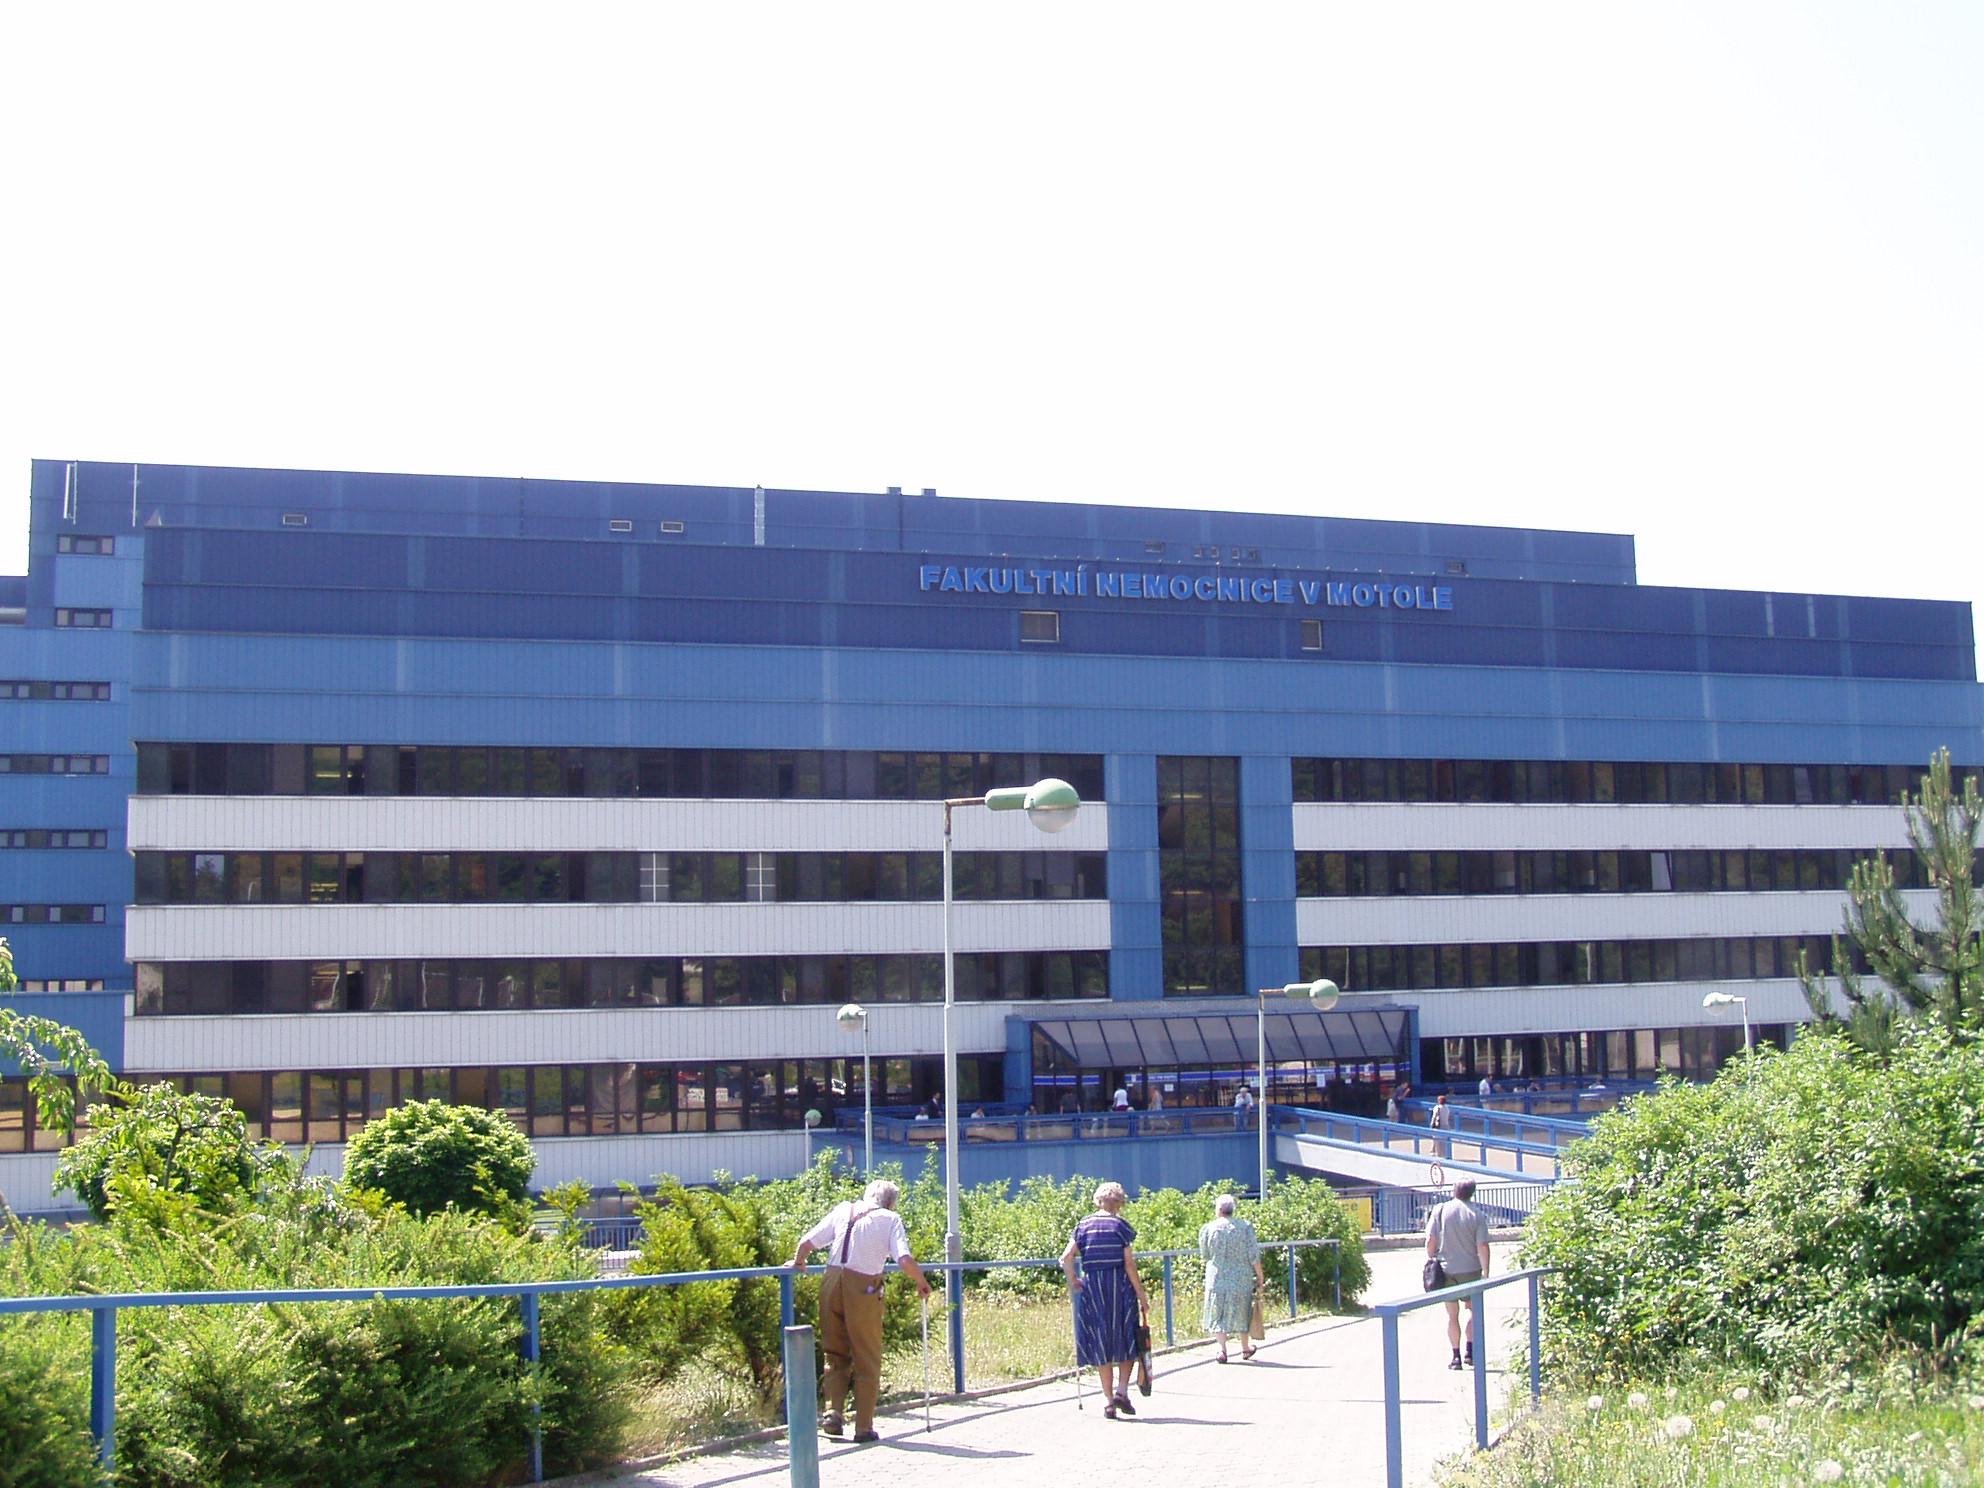 Ilustrační foto: Fakultní nemocnice v Motole. Zdroj: Wikimedia Commons